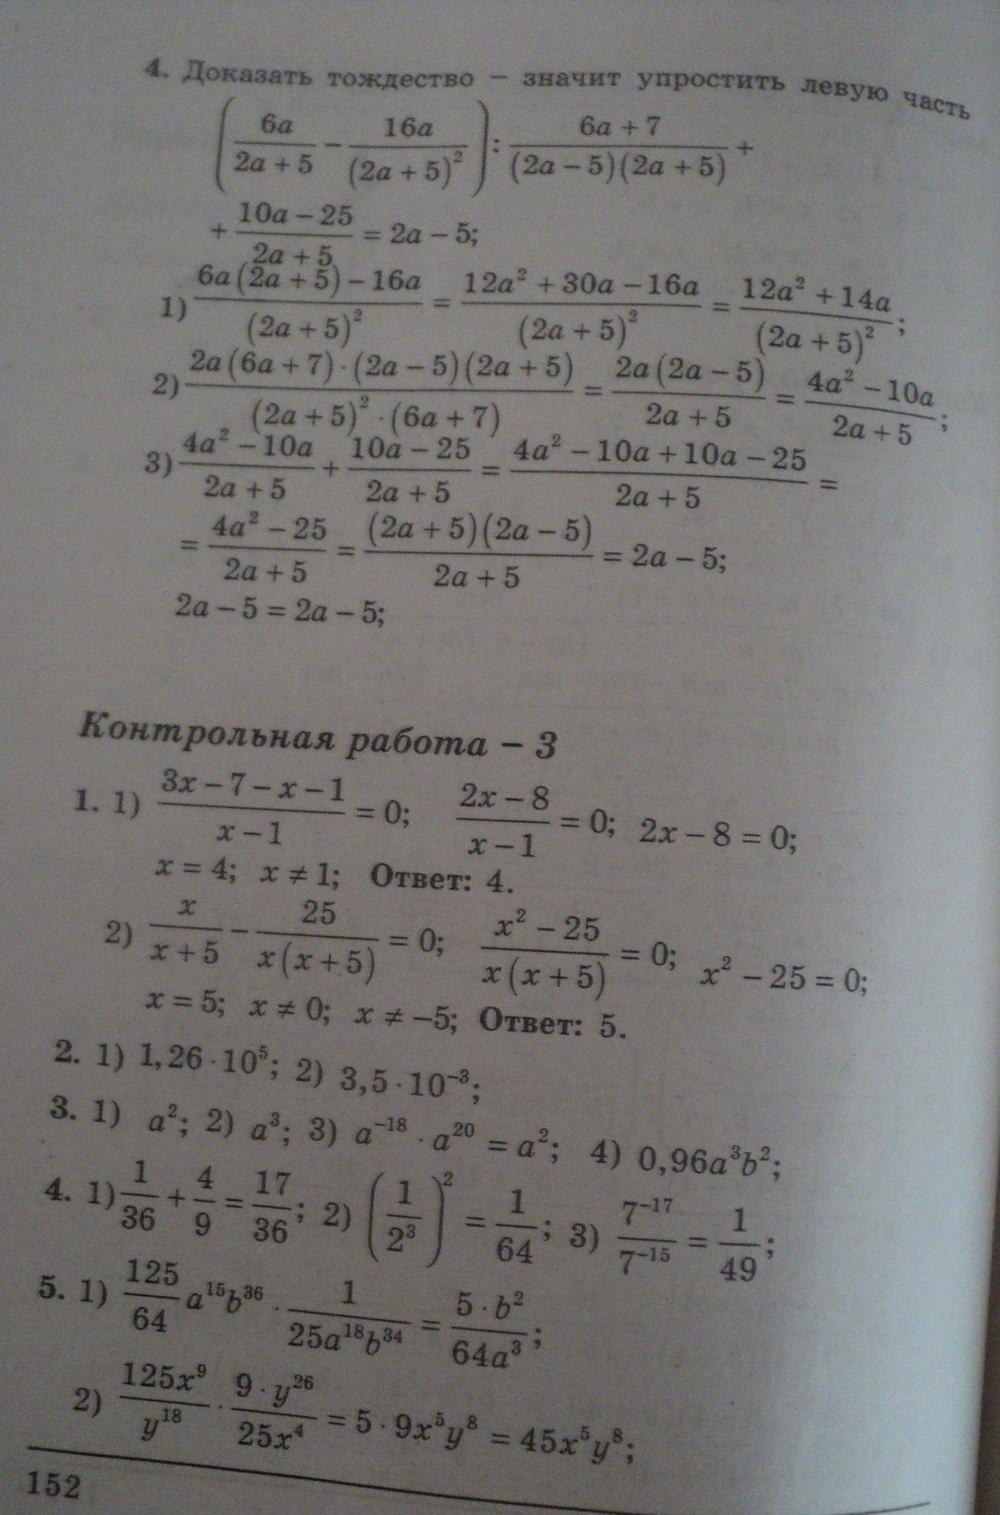 ГДЗ по алгебре 8 класс Щербань П.. Задание: стр. 152